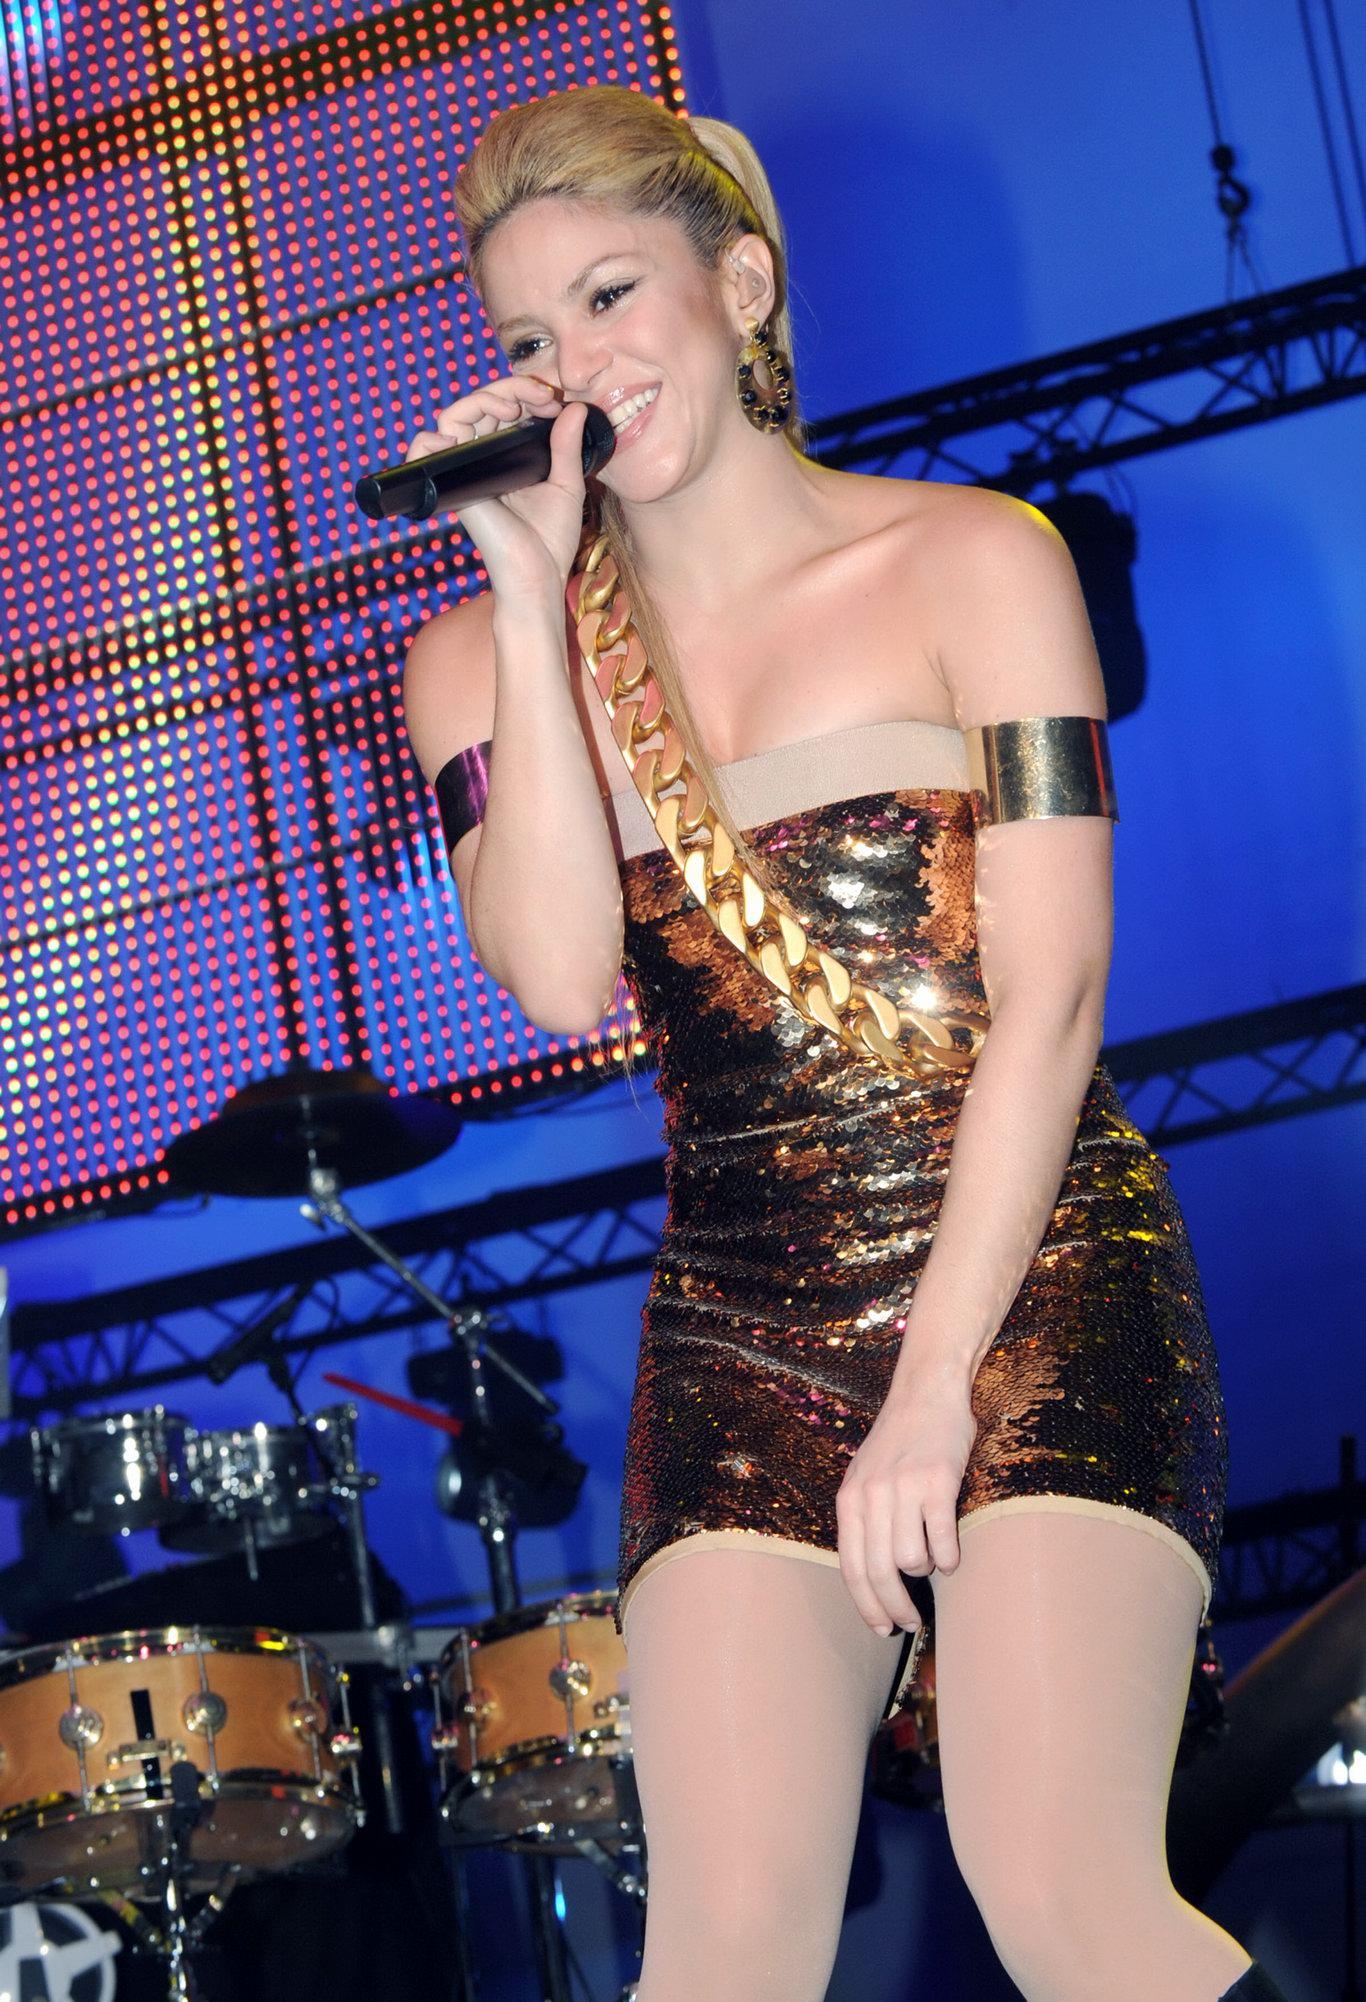 Шакира без трусиков 13 фотография